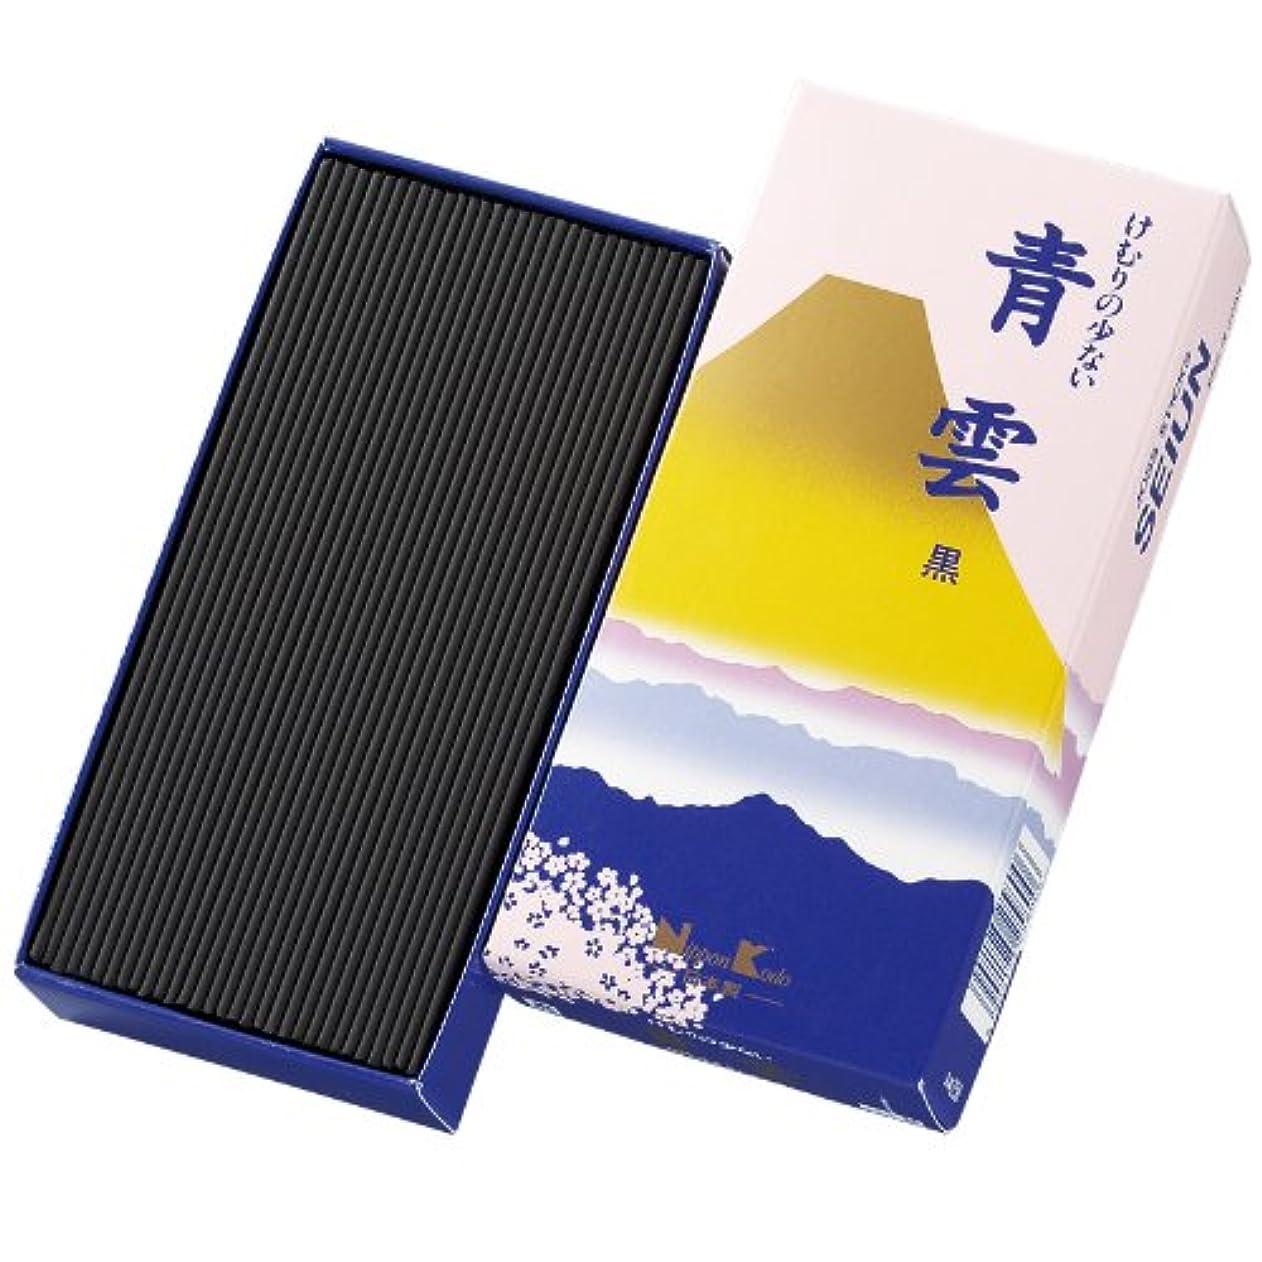 歌ローズバルコニー青雲 黒 バラ詰 (約110g)